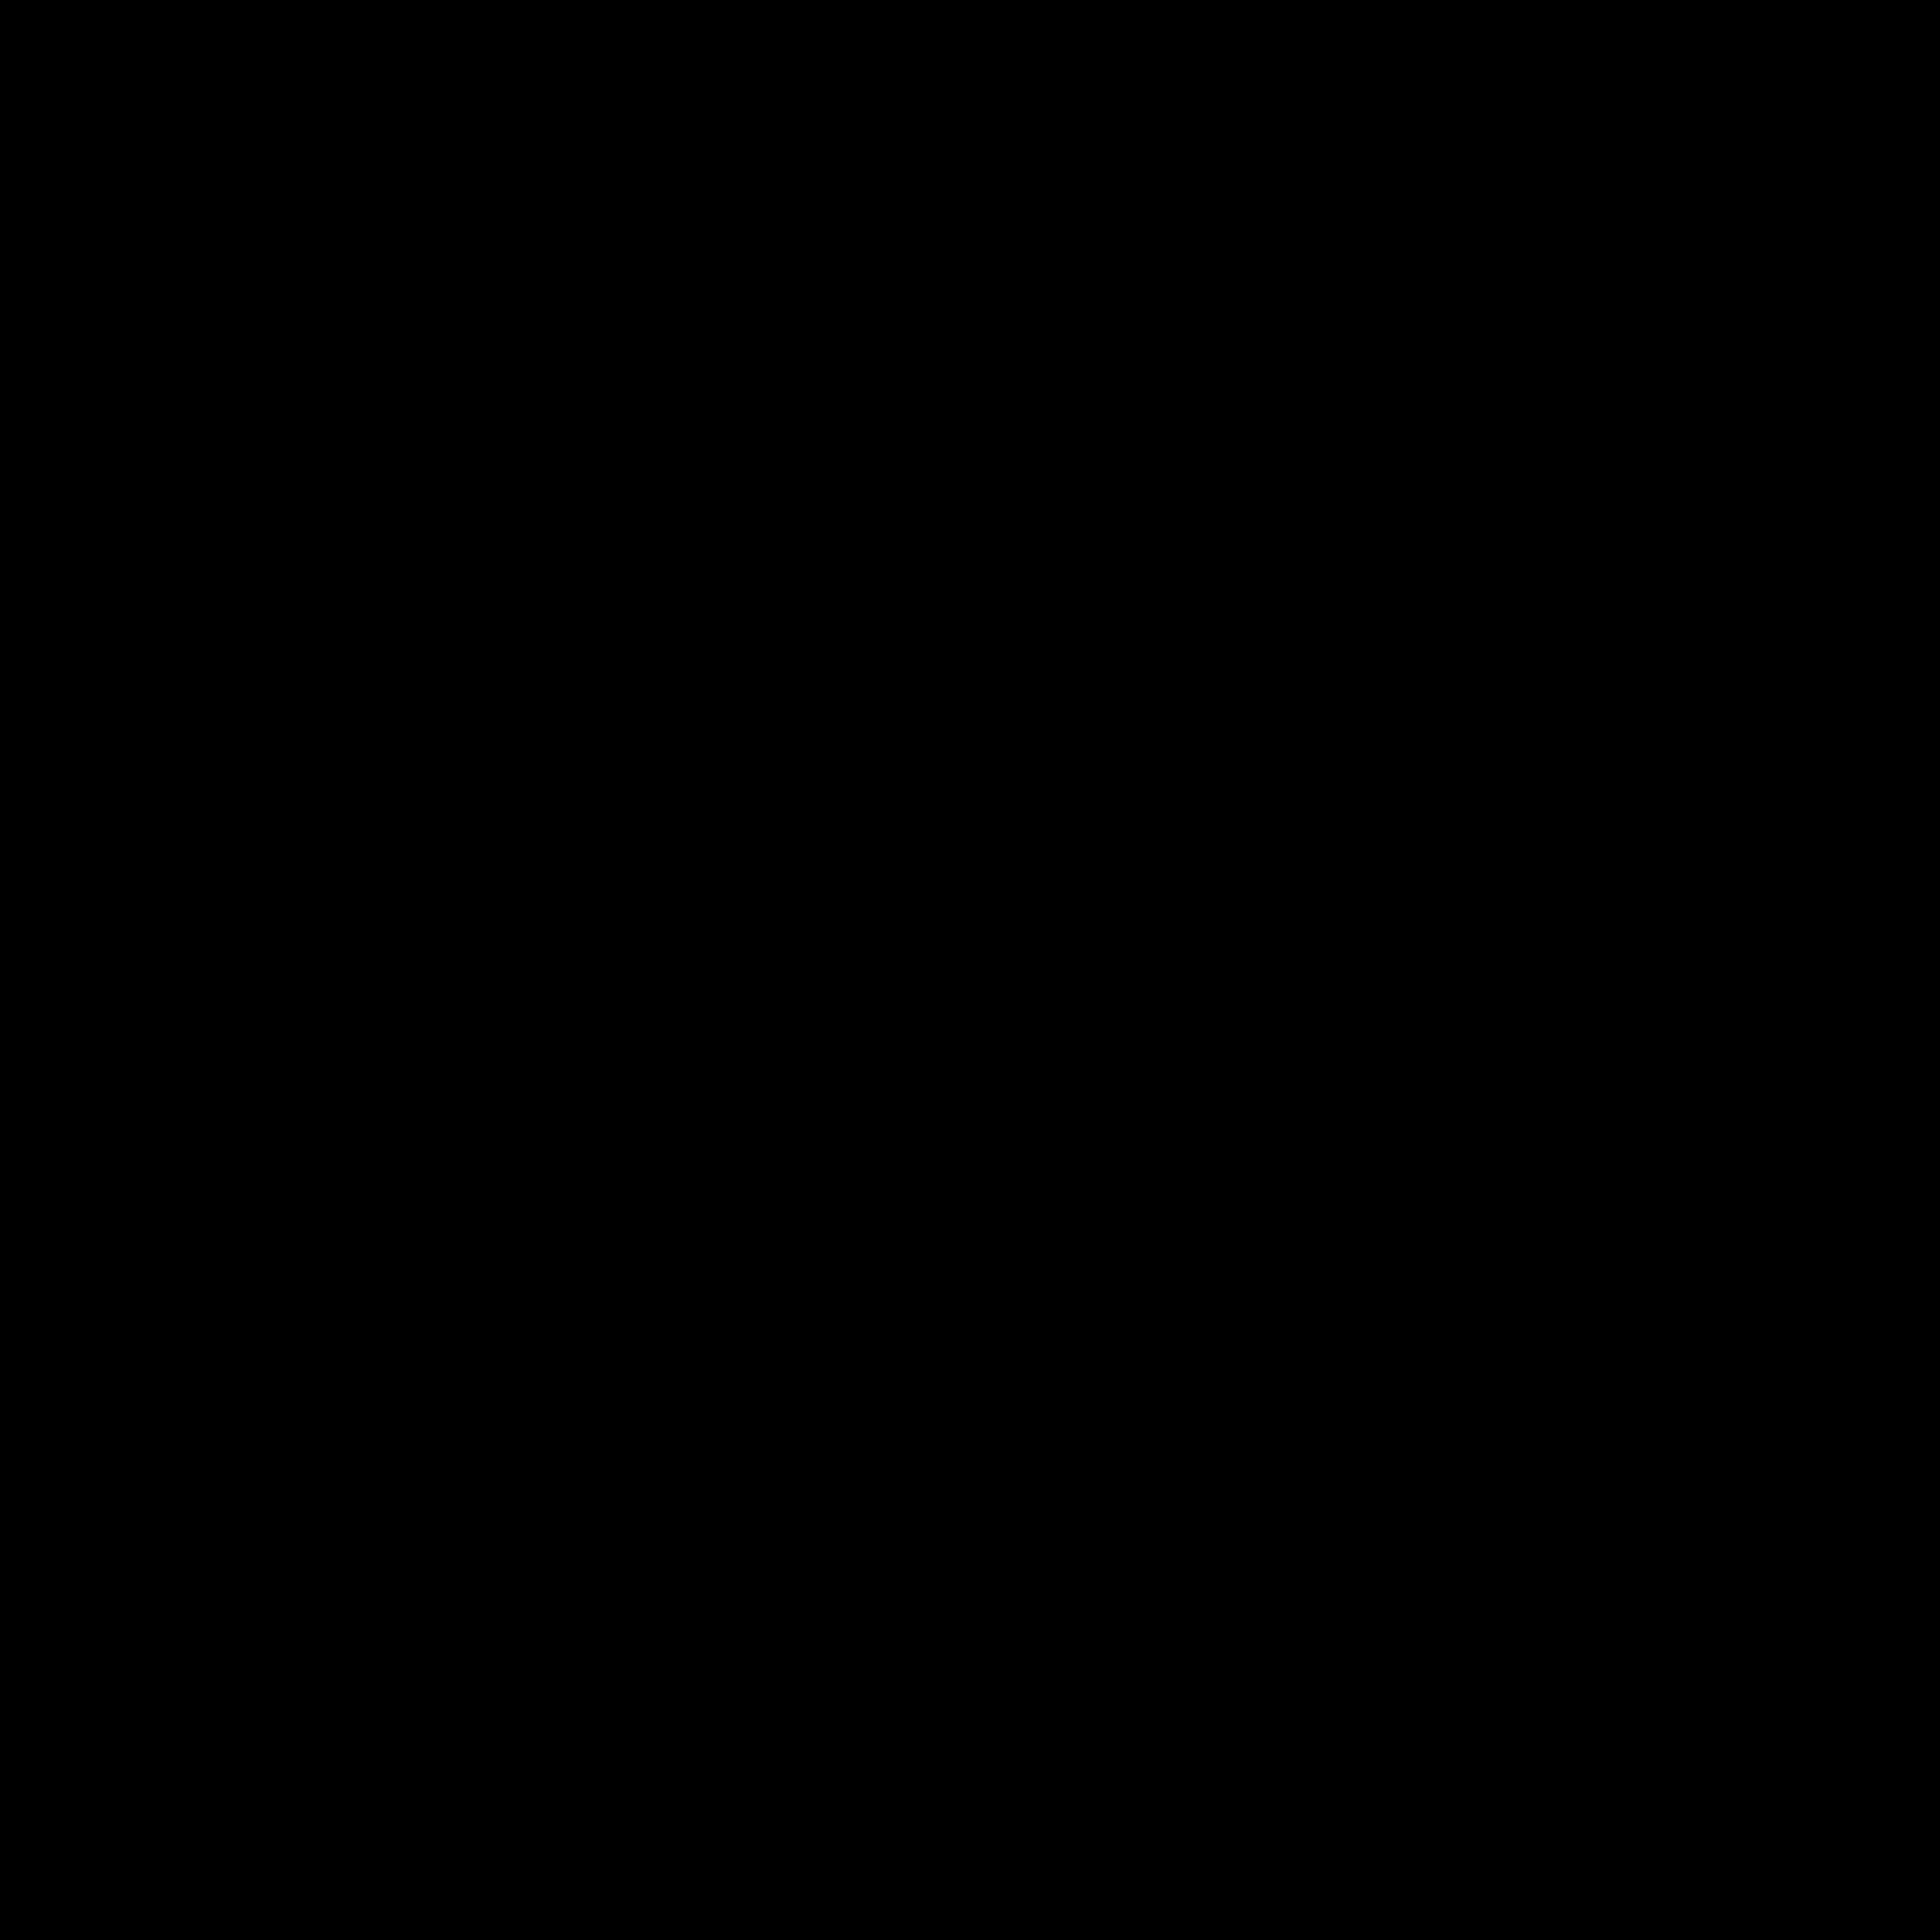 Fall Bouquet Freytag's Florist Austin florist, Flower